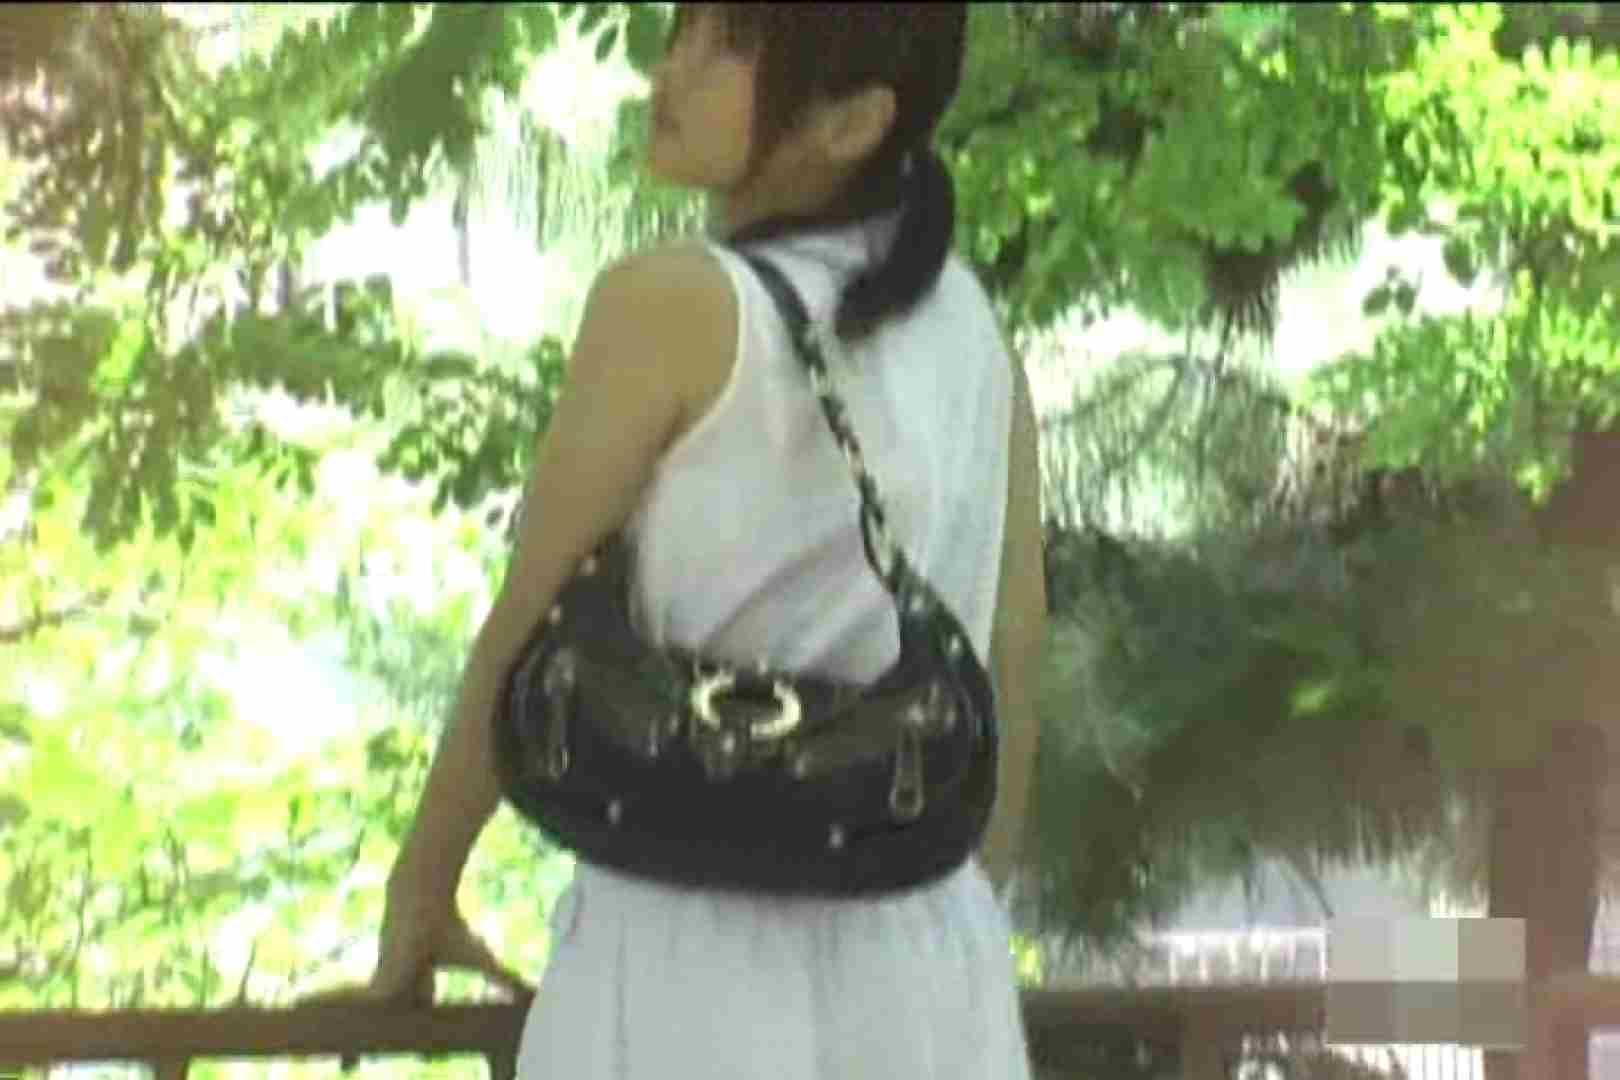 検証!隠し撮りスカートめくり!!Vol.8 ミニスカート 濡れ場動画紹介 99pic 68